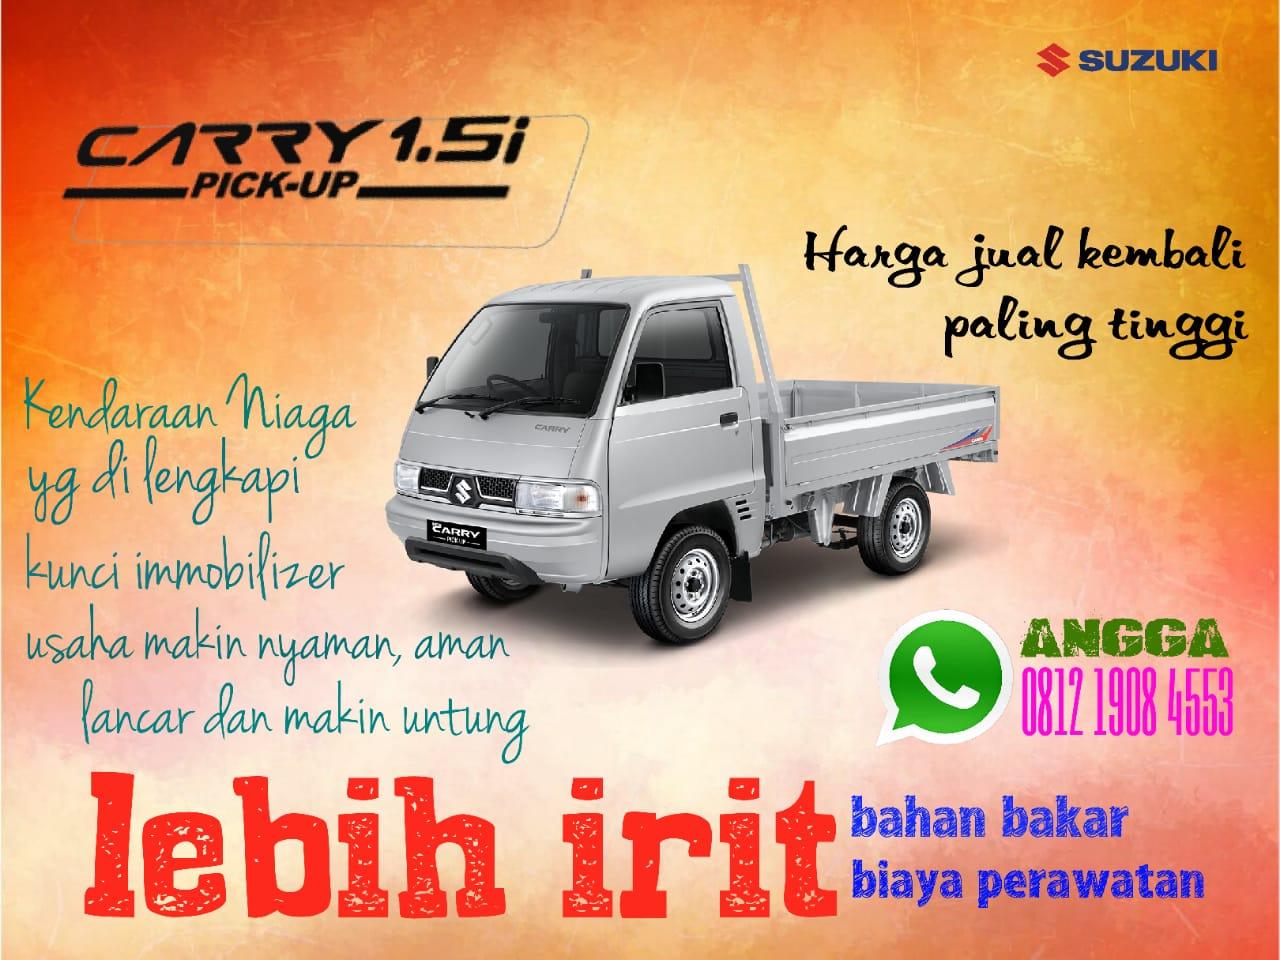 Promo 2 By Angga